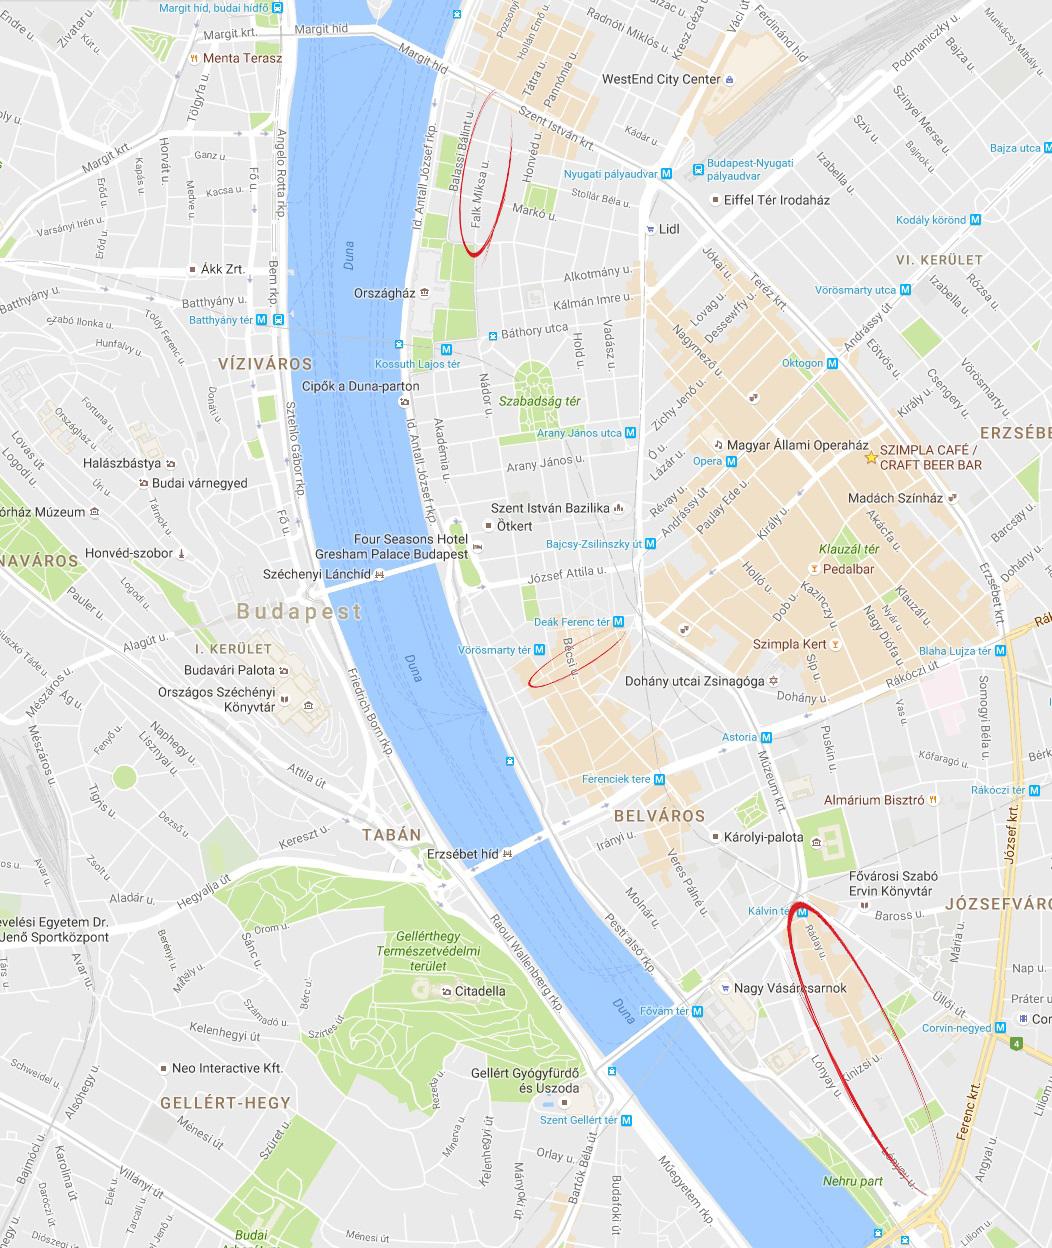 budapest hamburger térkép BudNews   Thematic walking streets of Budapest budapest hamburger térkép